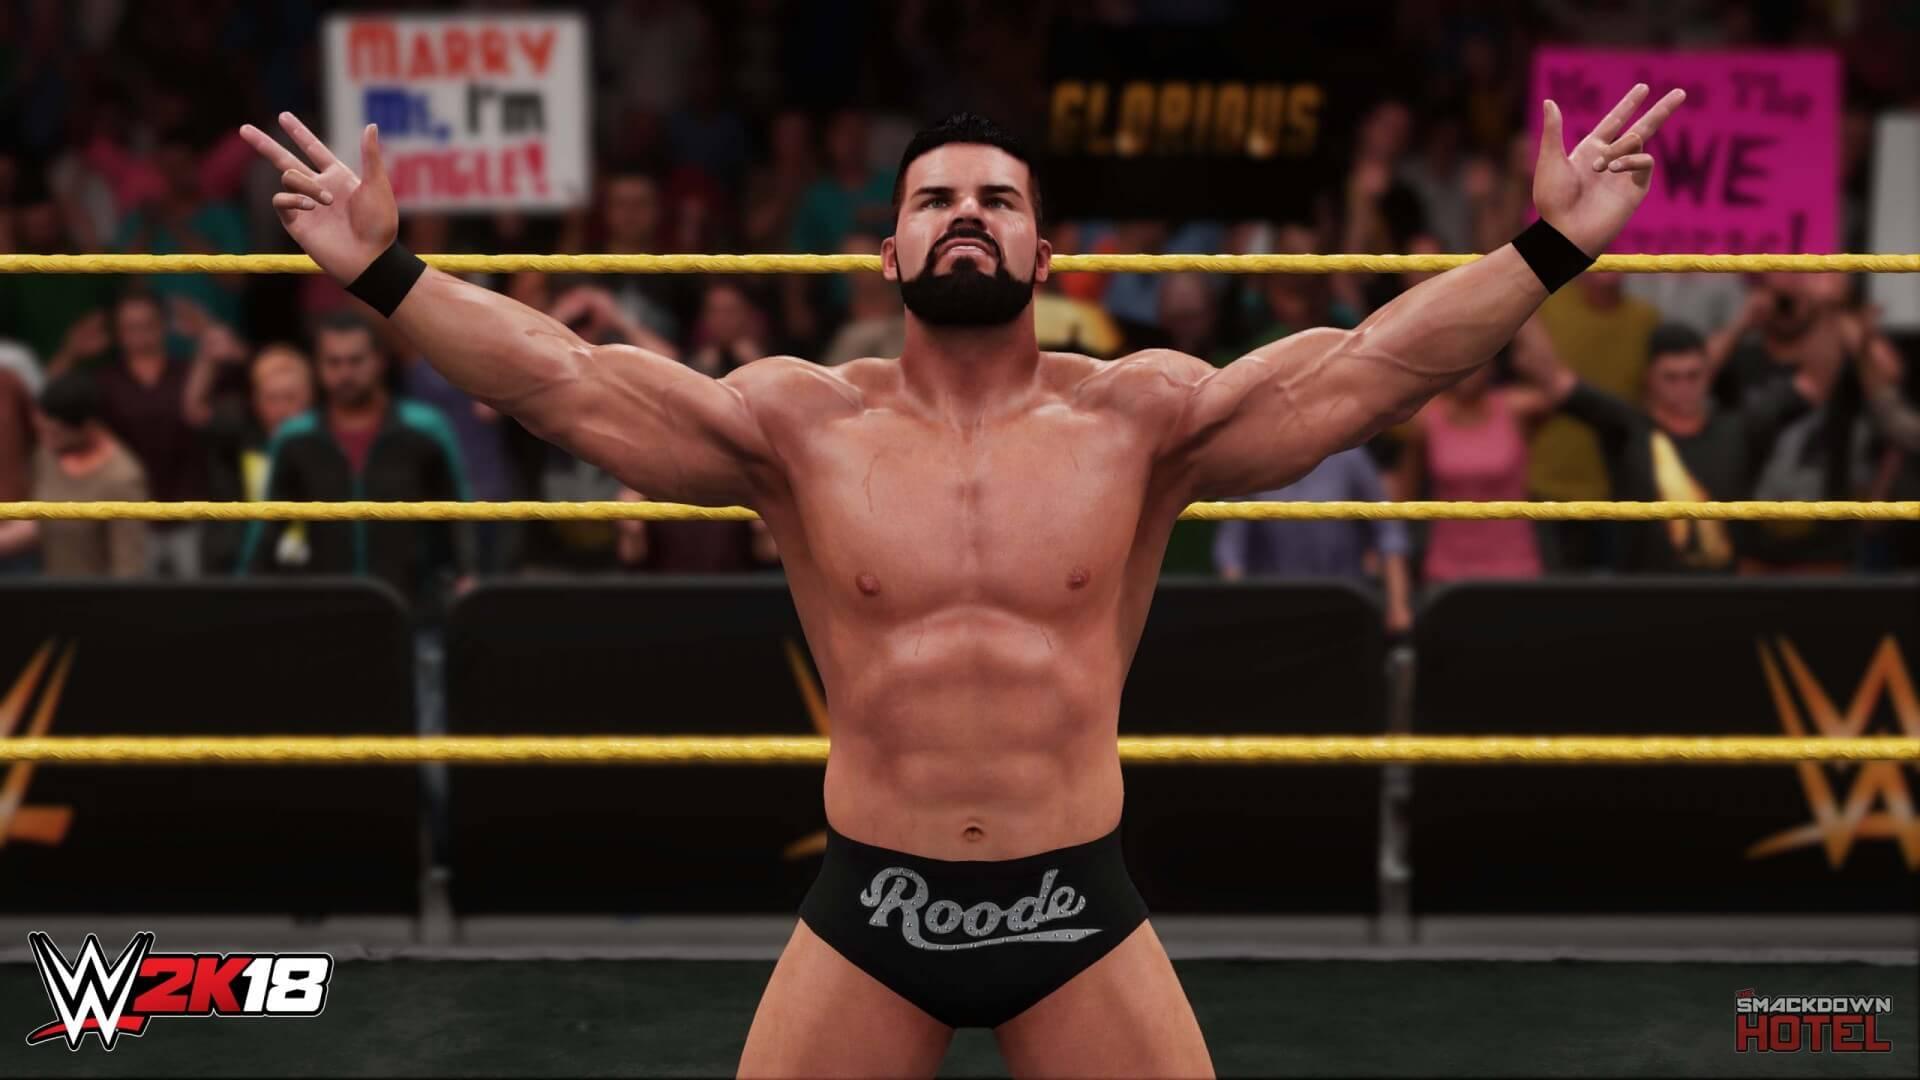 WWE2K18_Bobby_Roode-13121-1080